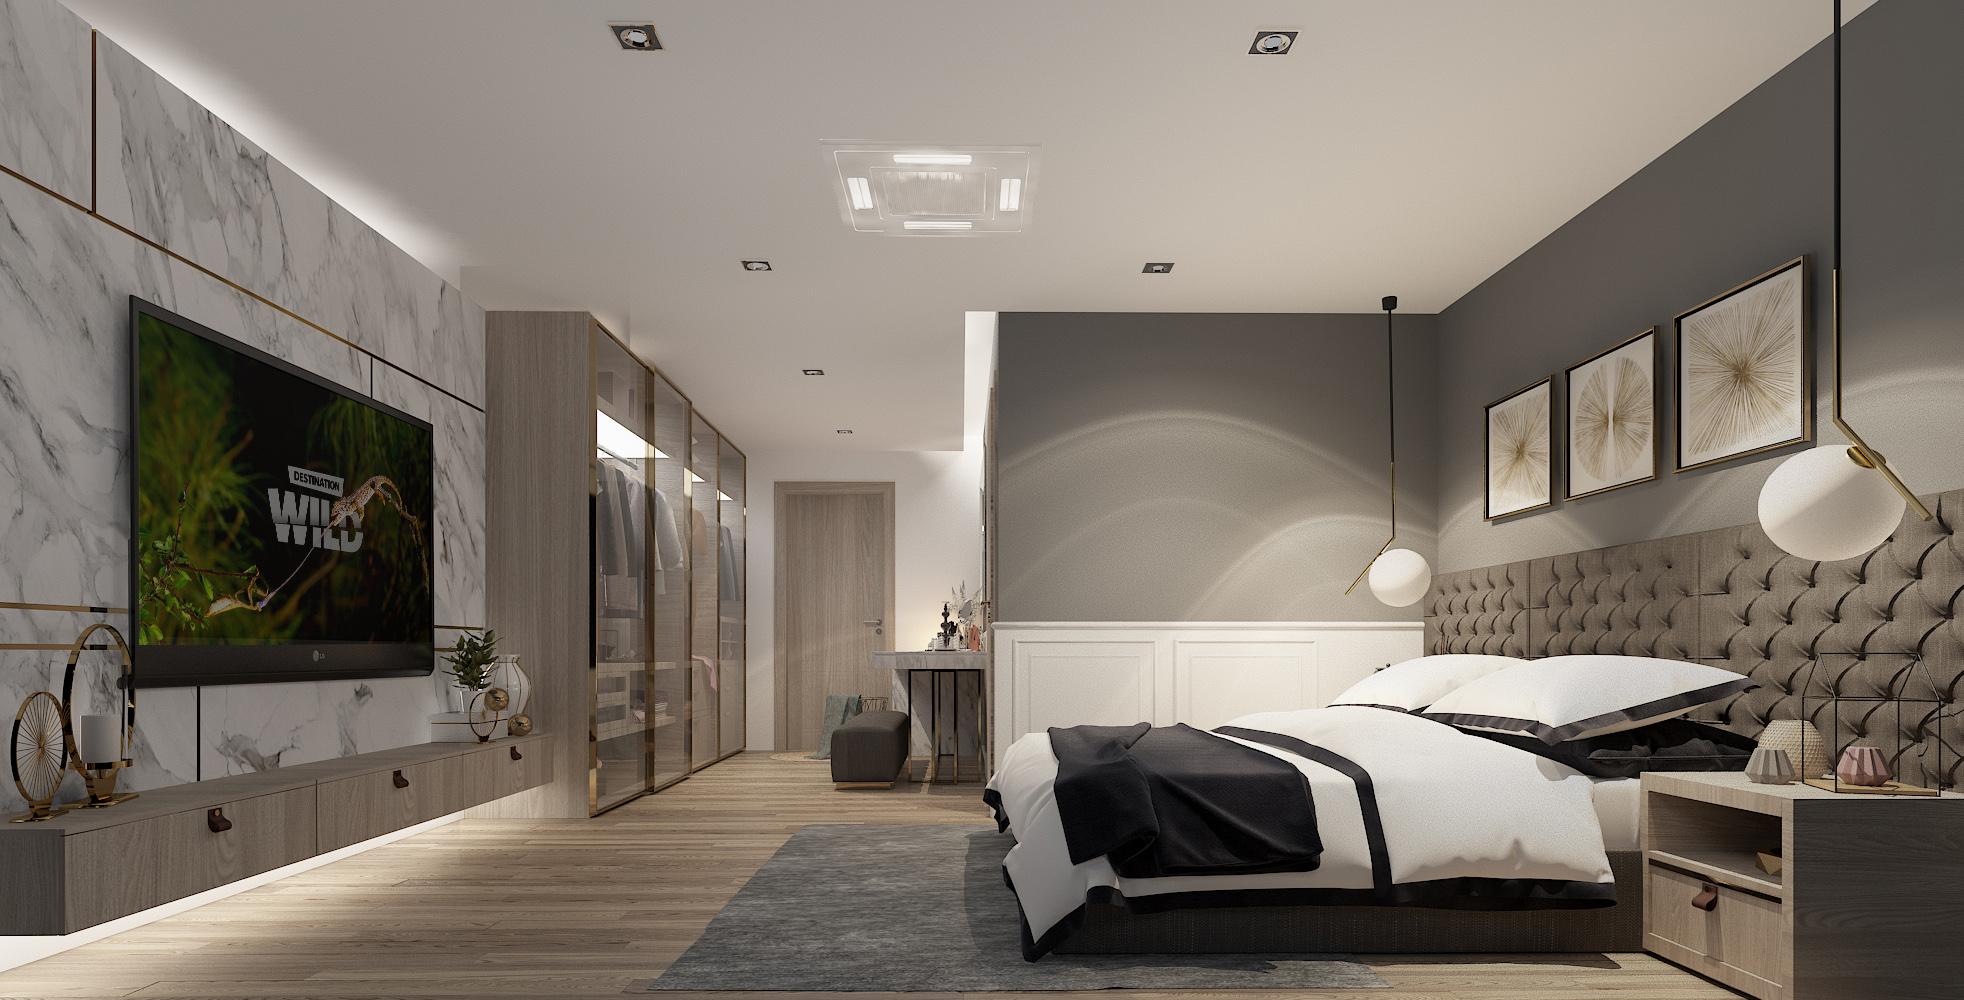 Bonanzabuilt-Portfolio-interior-3